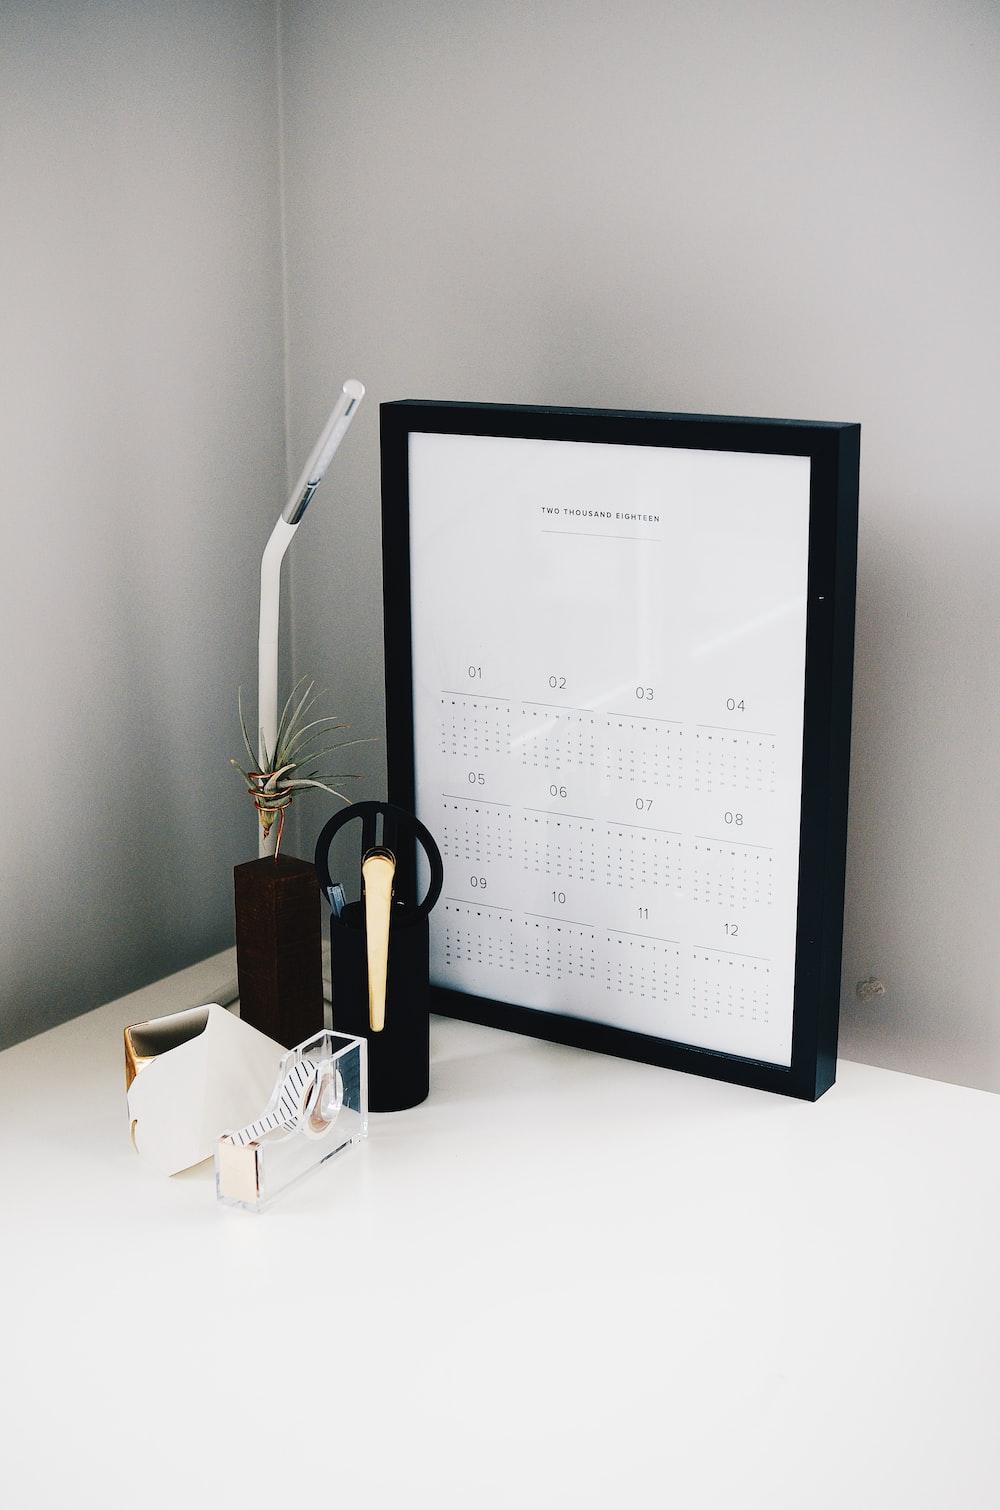 calendar with black frame on table